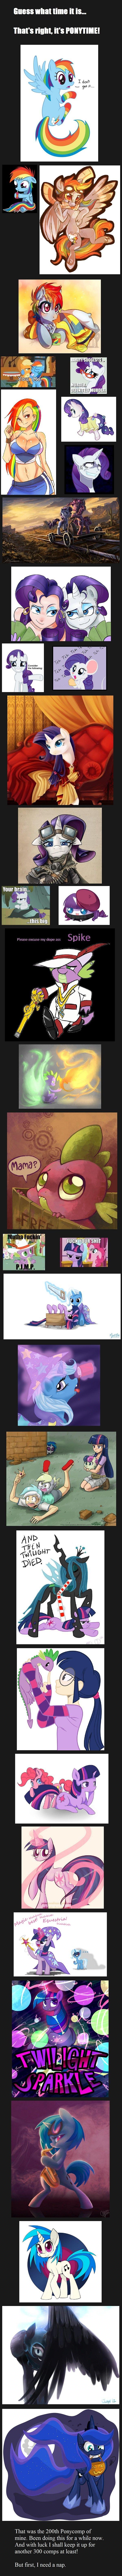 Ponycomp 200. Ponycomp 199: www.funnyjunk.com/channel/ponytime/Ponycomp+199/aXmhGnK/ DOWNLOAD LINK: docs.google.com/folder/d/0B4SOCzXHPRDVODdnWUpWZEJ0Zmc/edit.. Sleep, you deserve it. My Little Pony ponies ponytime